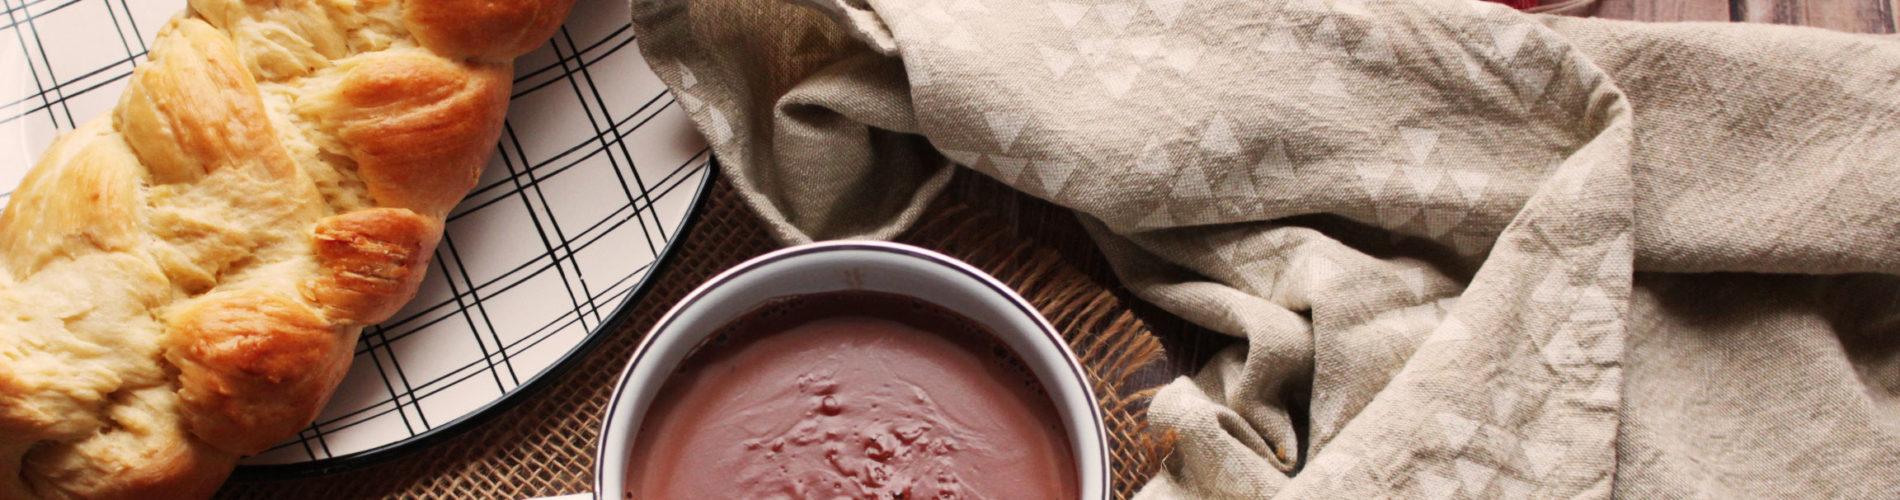 Tasse de chocolat martiniquais et pain au beurre